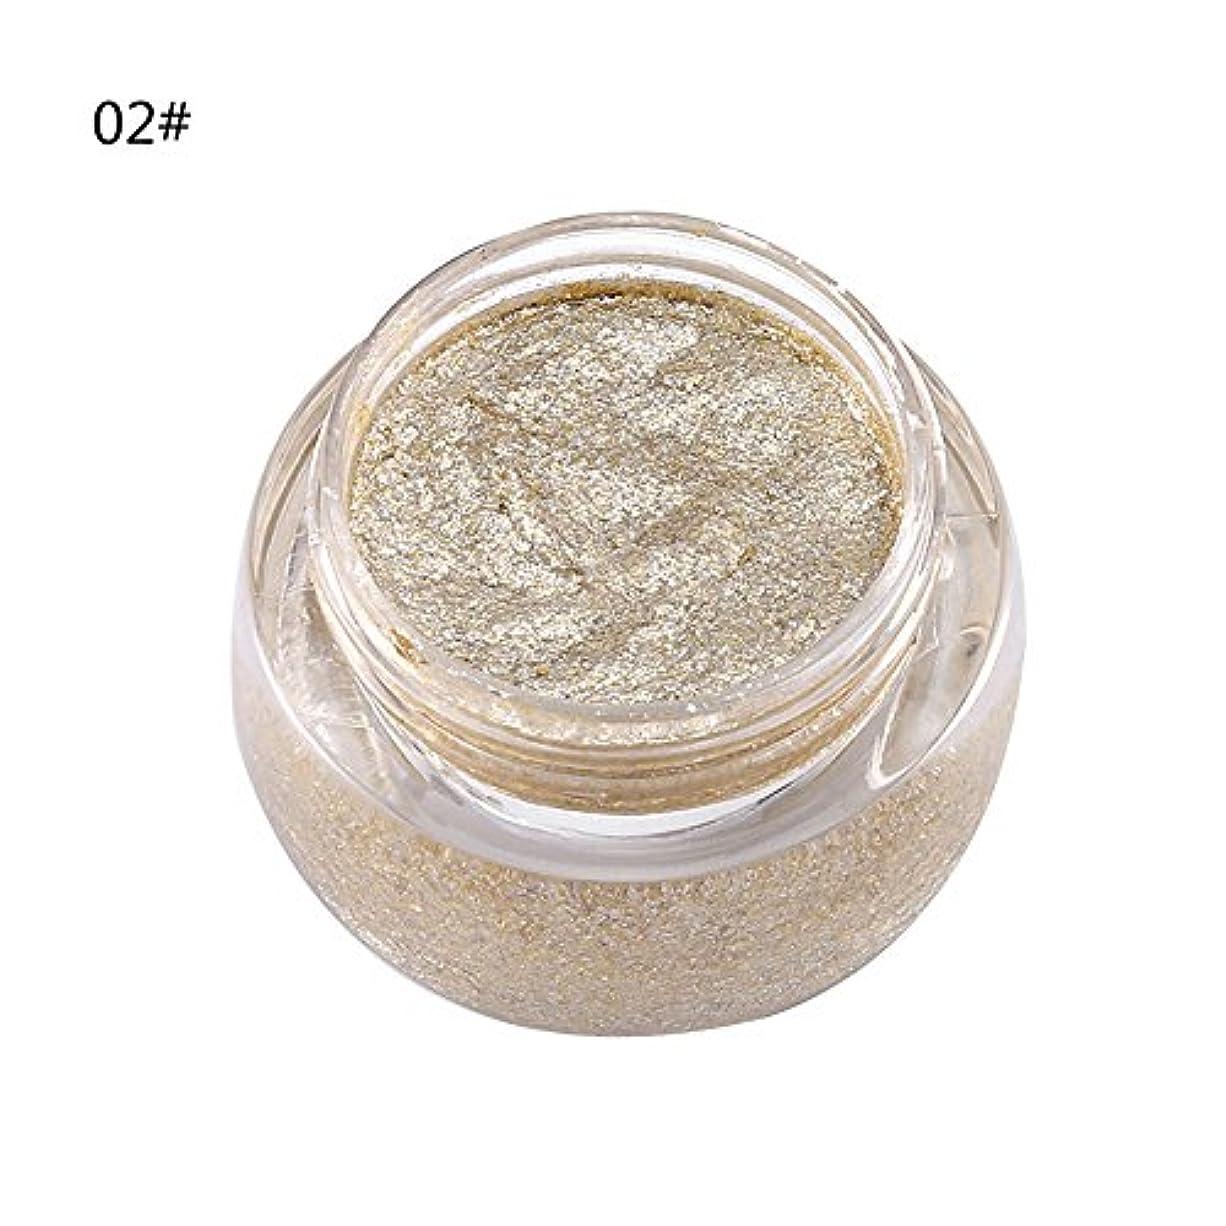 明らかにする確立します逆さまにアイシャドウ 単色 化粧品 光沢 保湿 キラキラ 美しい タイプ 02